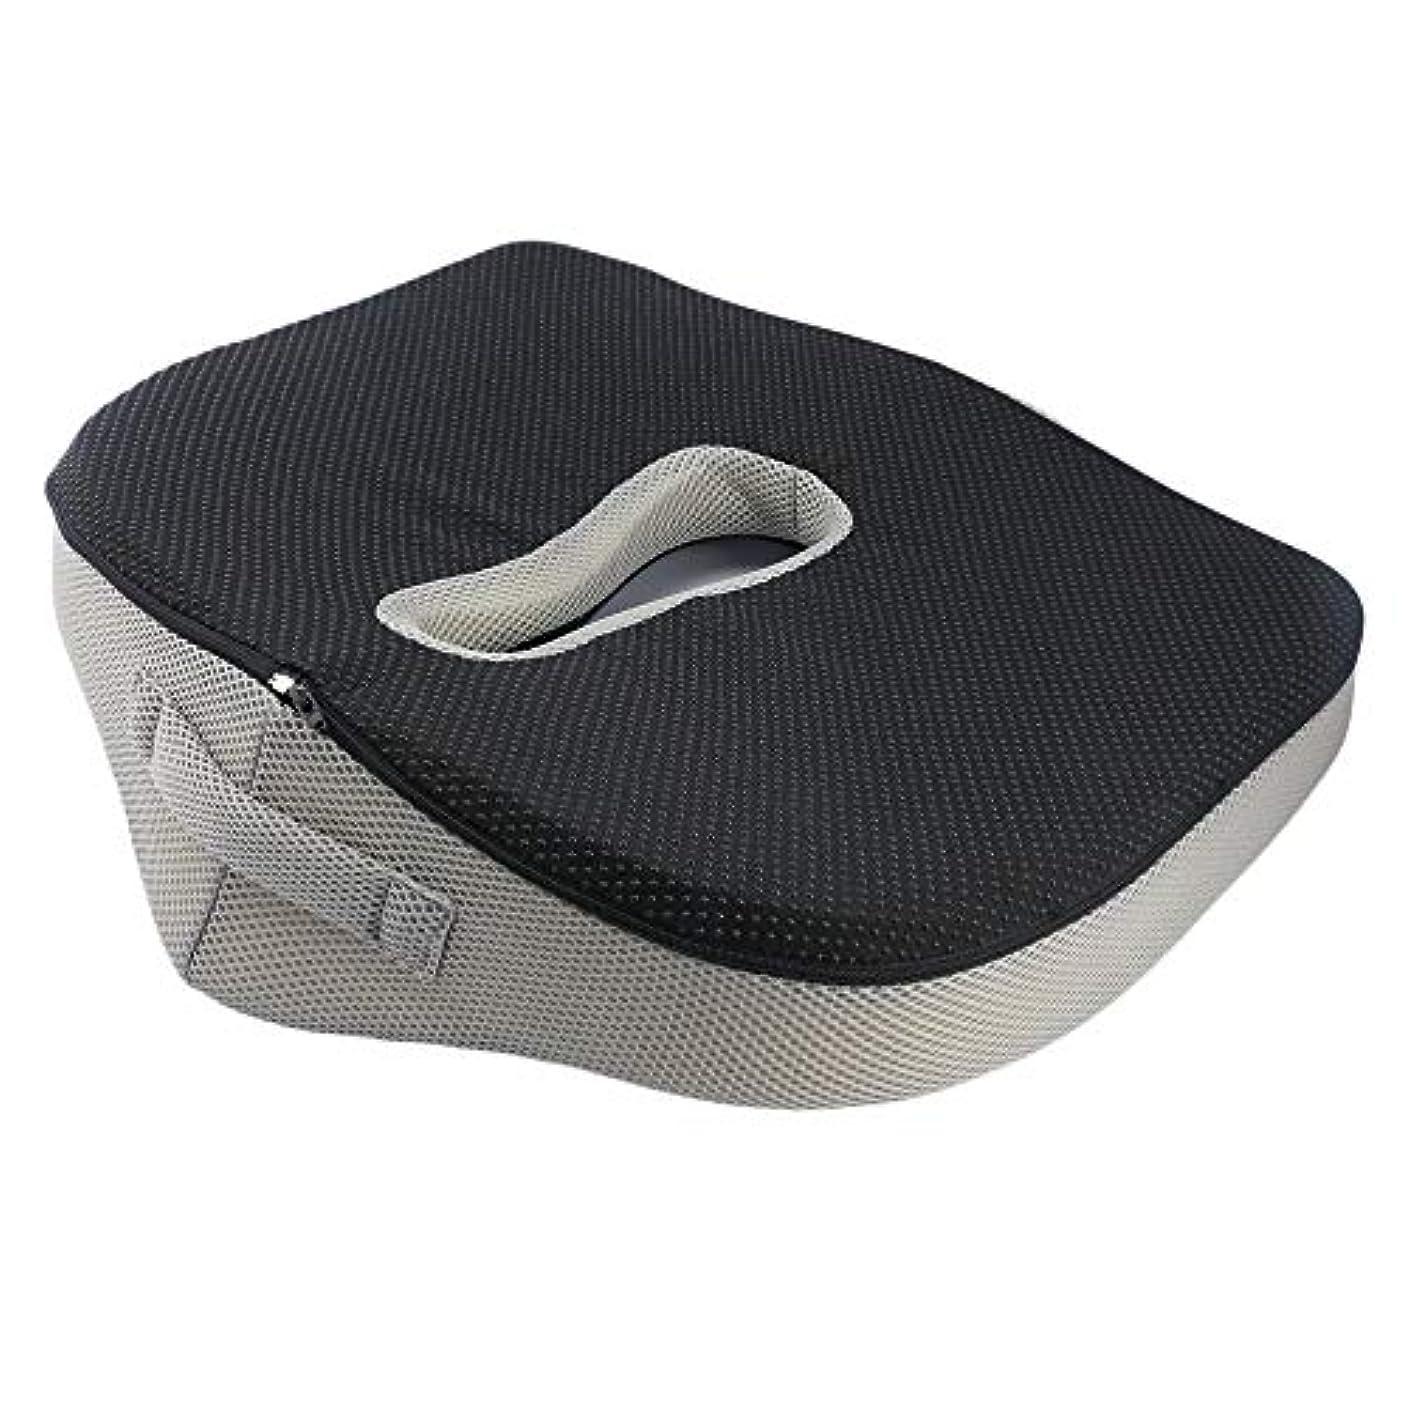 背中の痛みの救済オフィスチェアの車のためのスローリバウンド尻のシートクッション